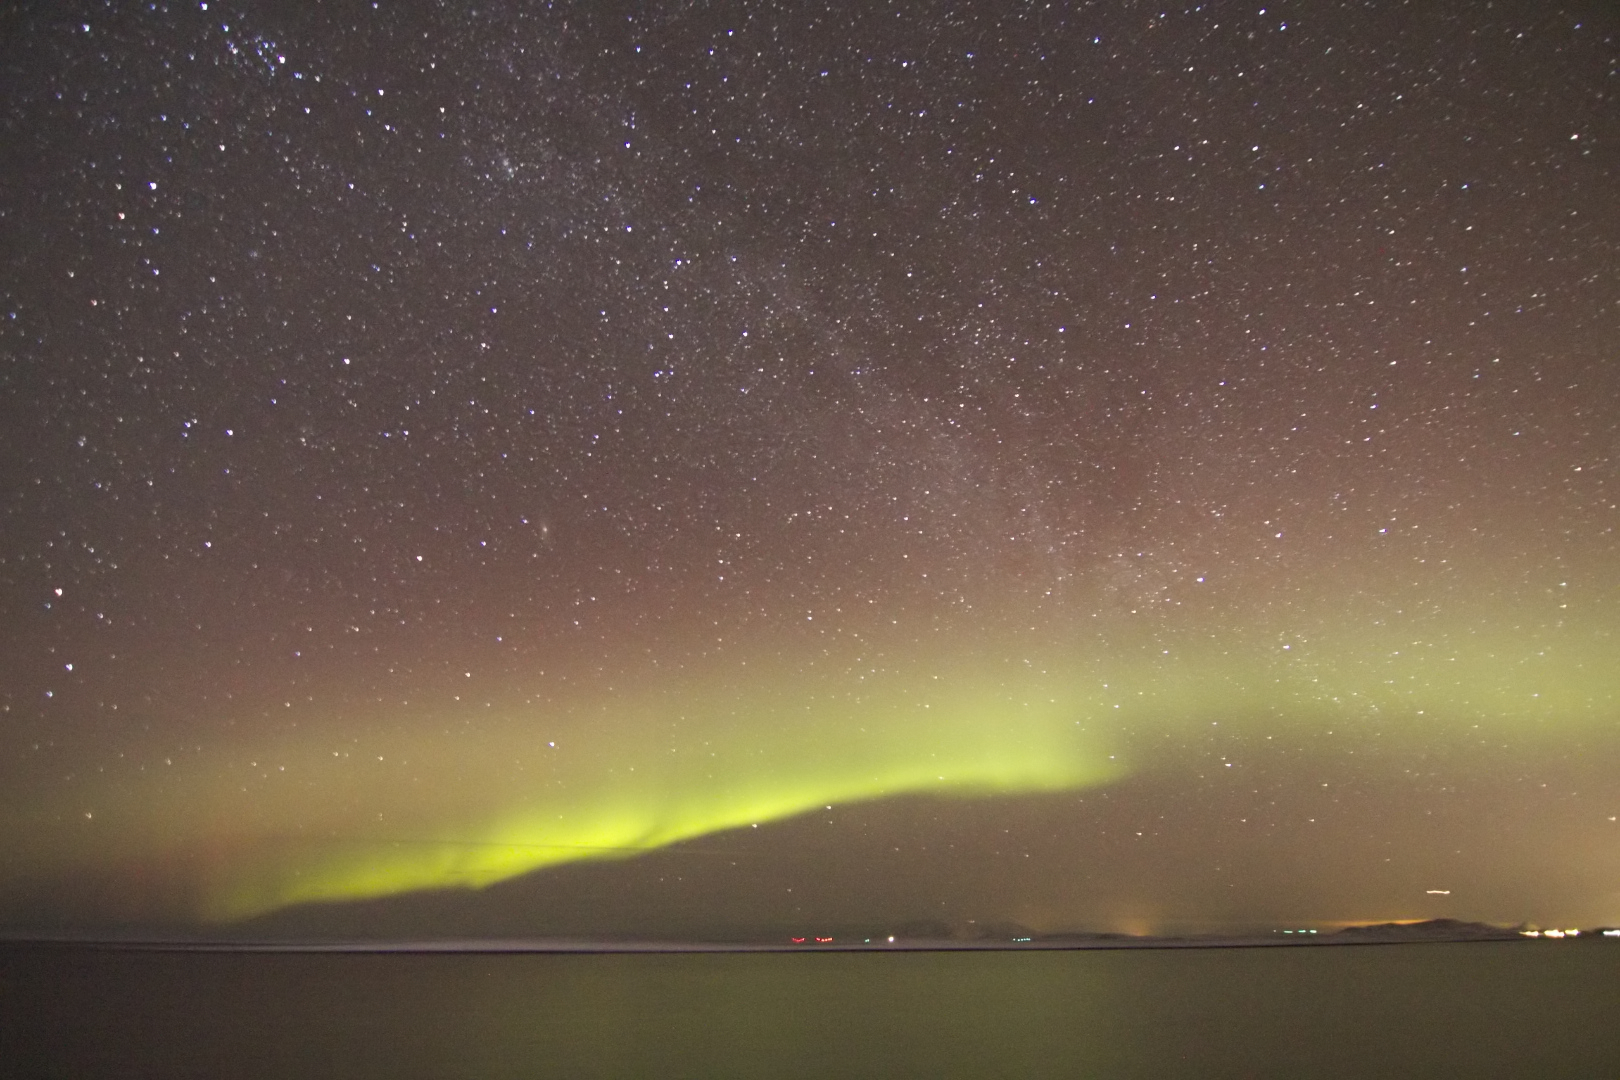 Tanzende Polarlichter am Himmel von Norwegen 2